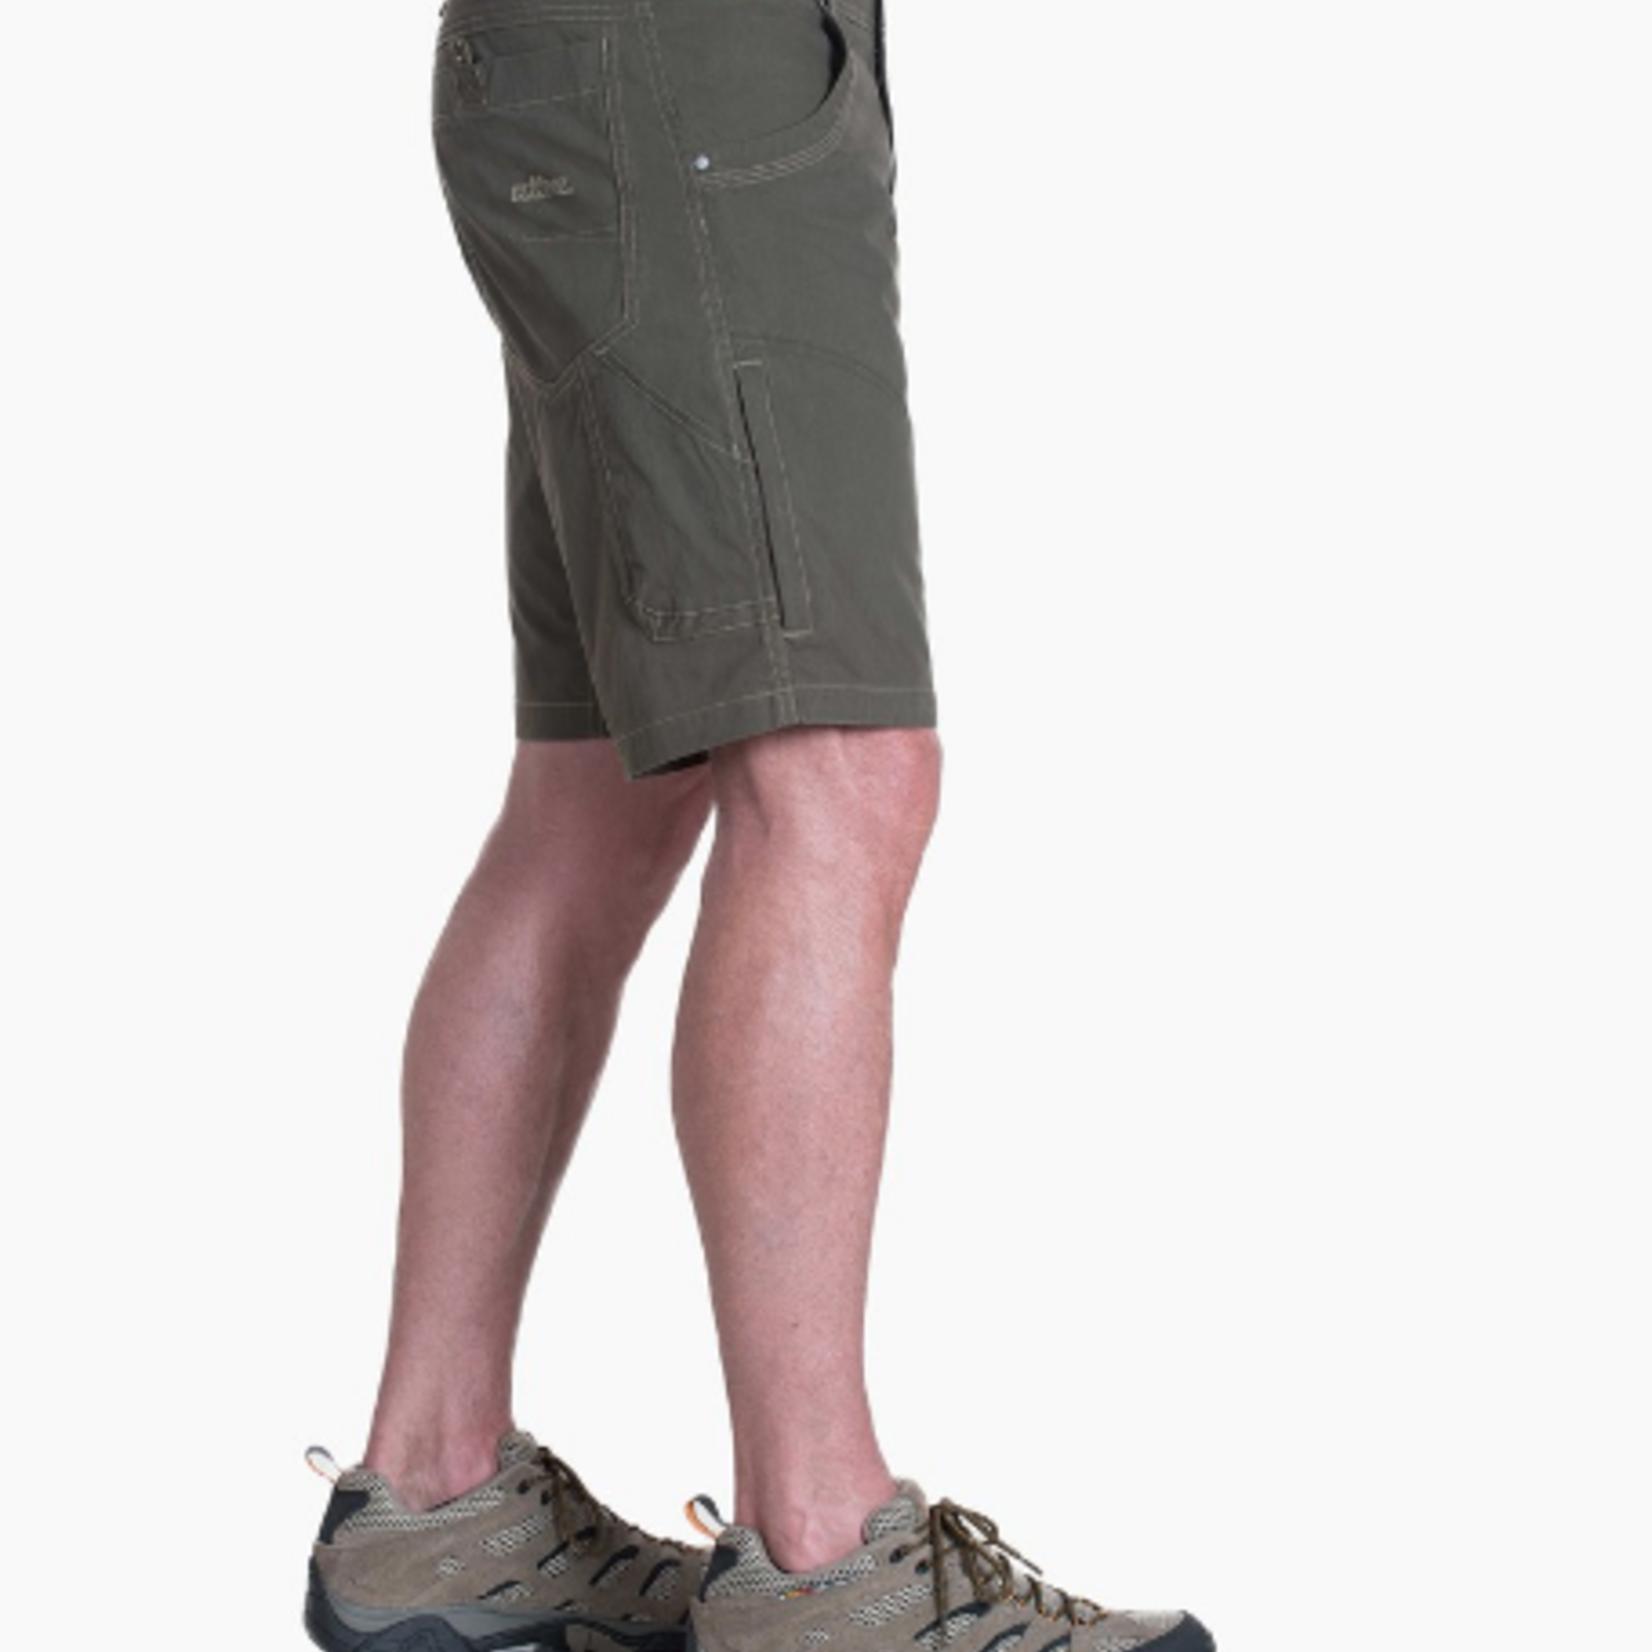 Kuhl Kuhl Ramblr 8' Short - P-136688